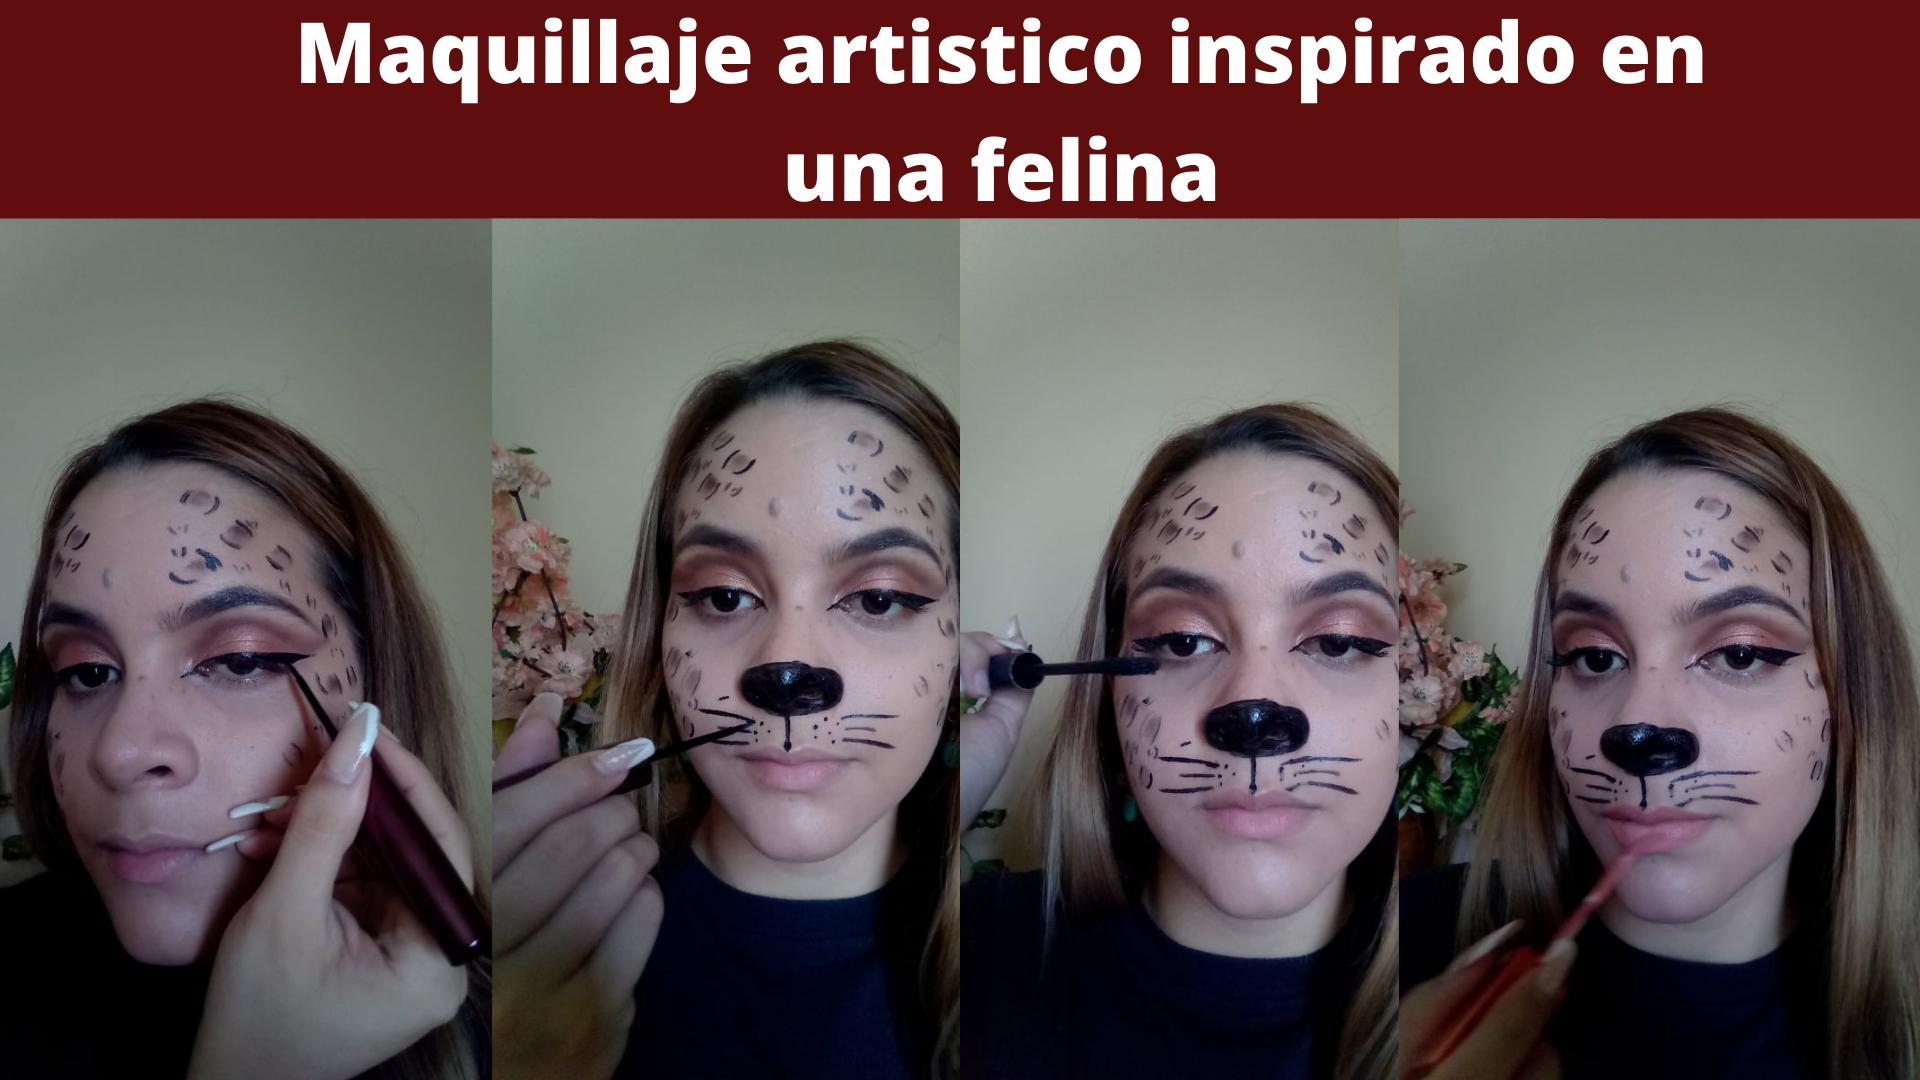 Maquillaje artistico inspirado en una felina (3).png